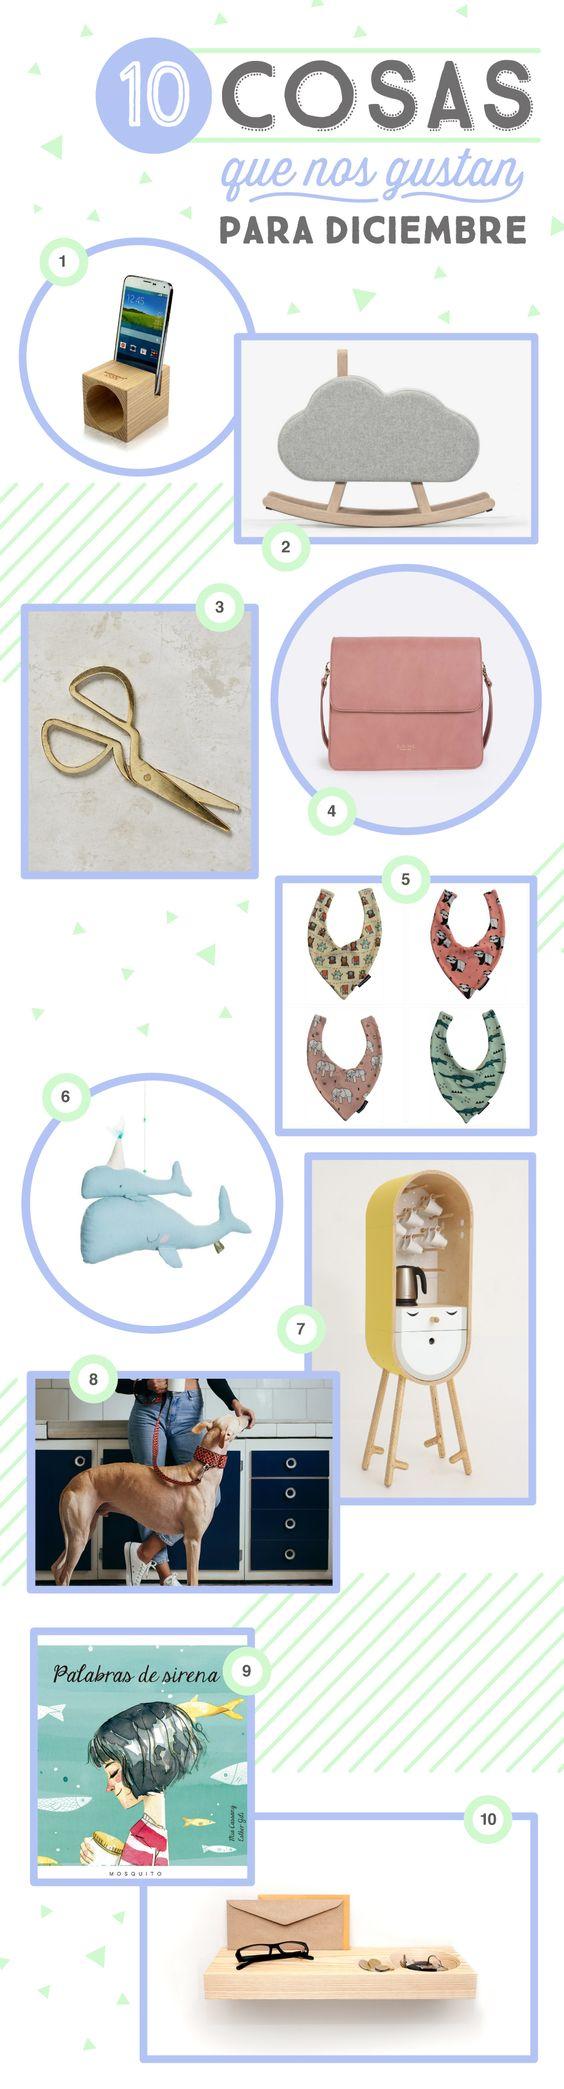 10 cosas que nos gustan para Diciembre | muymolon.com | Bloglovin'